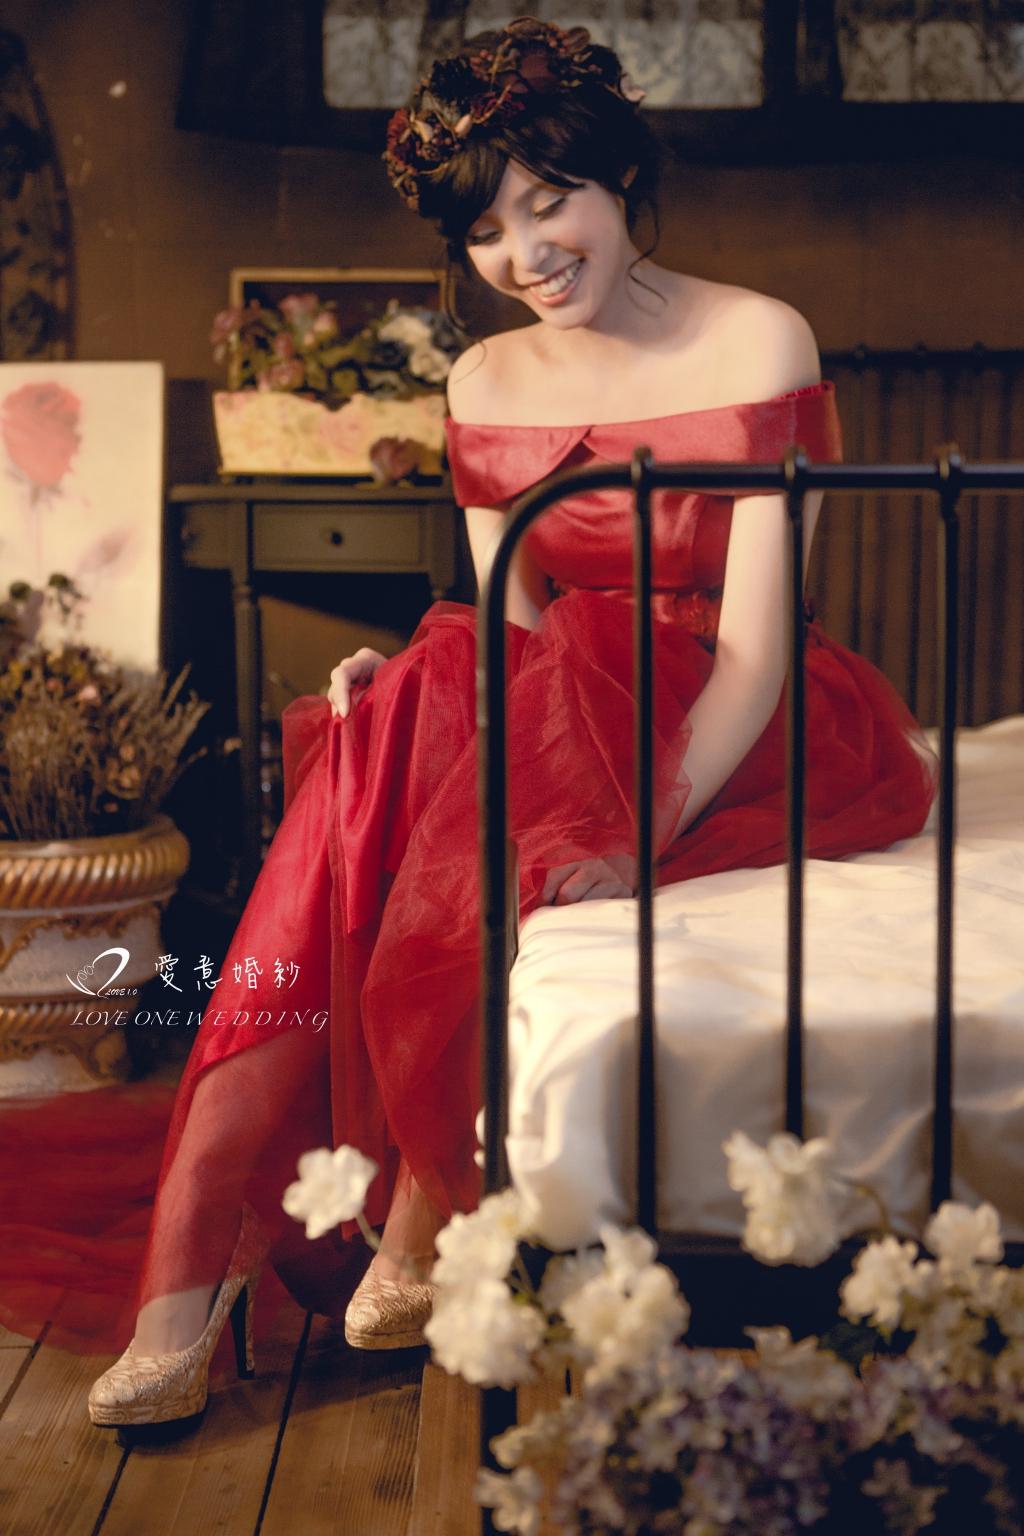 高雄婚紗藝術照61